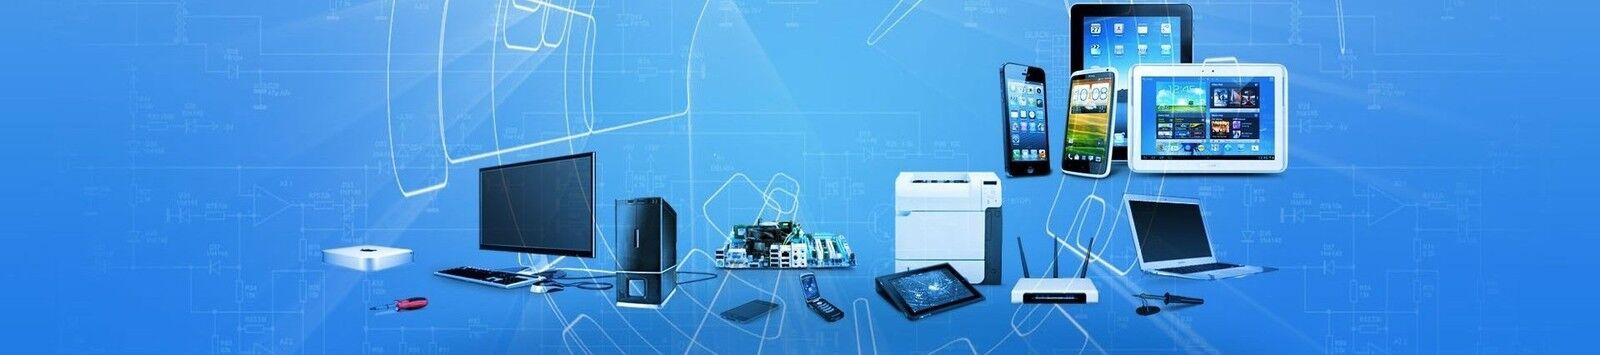 iper hardware